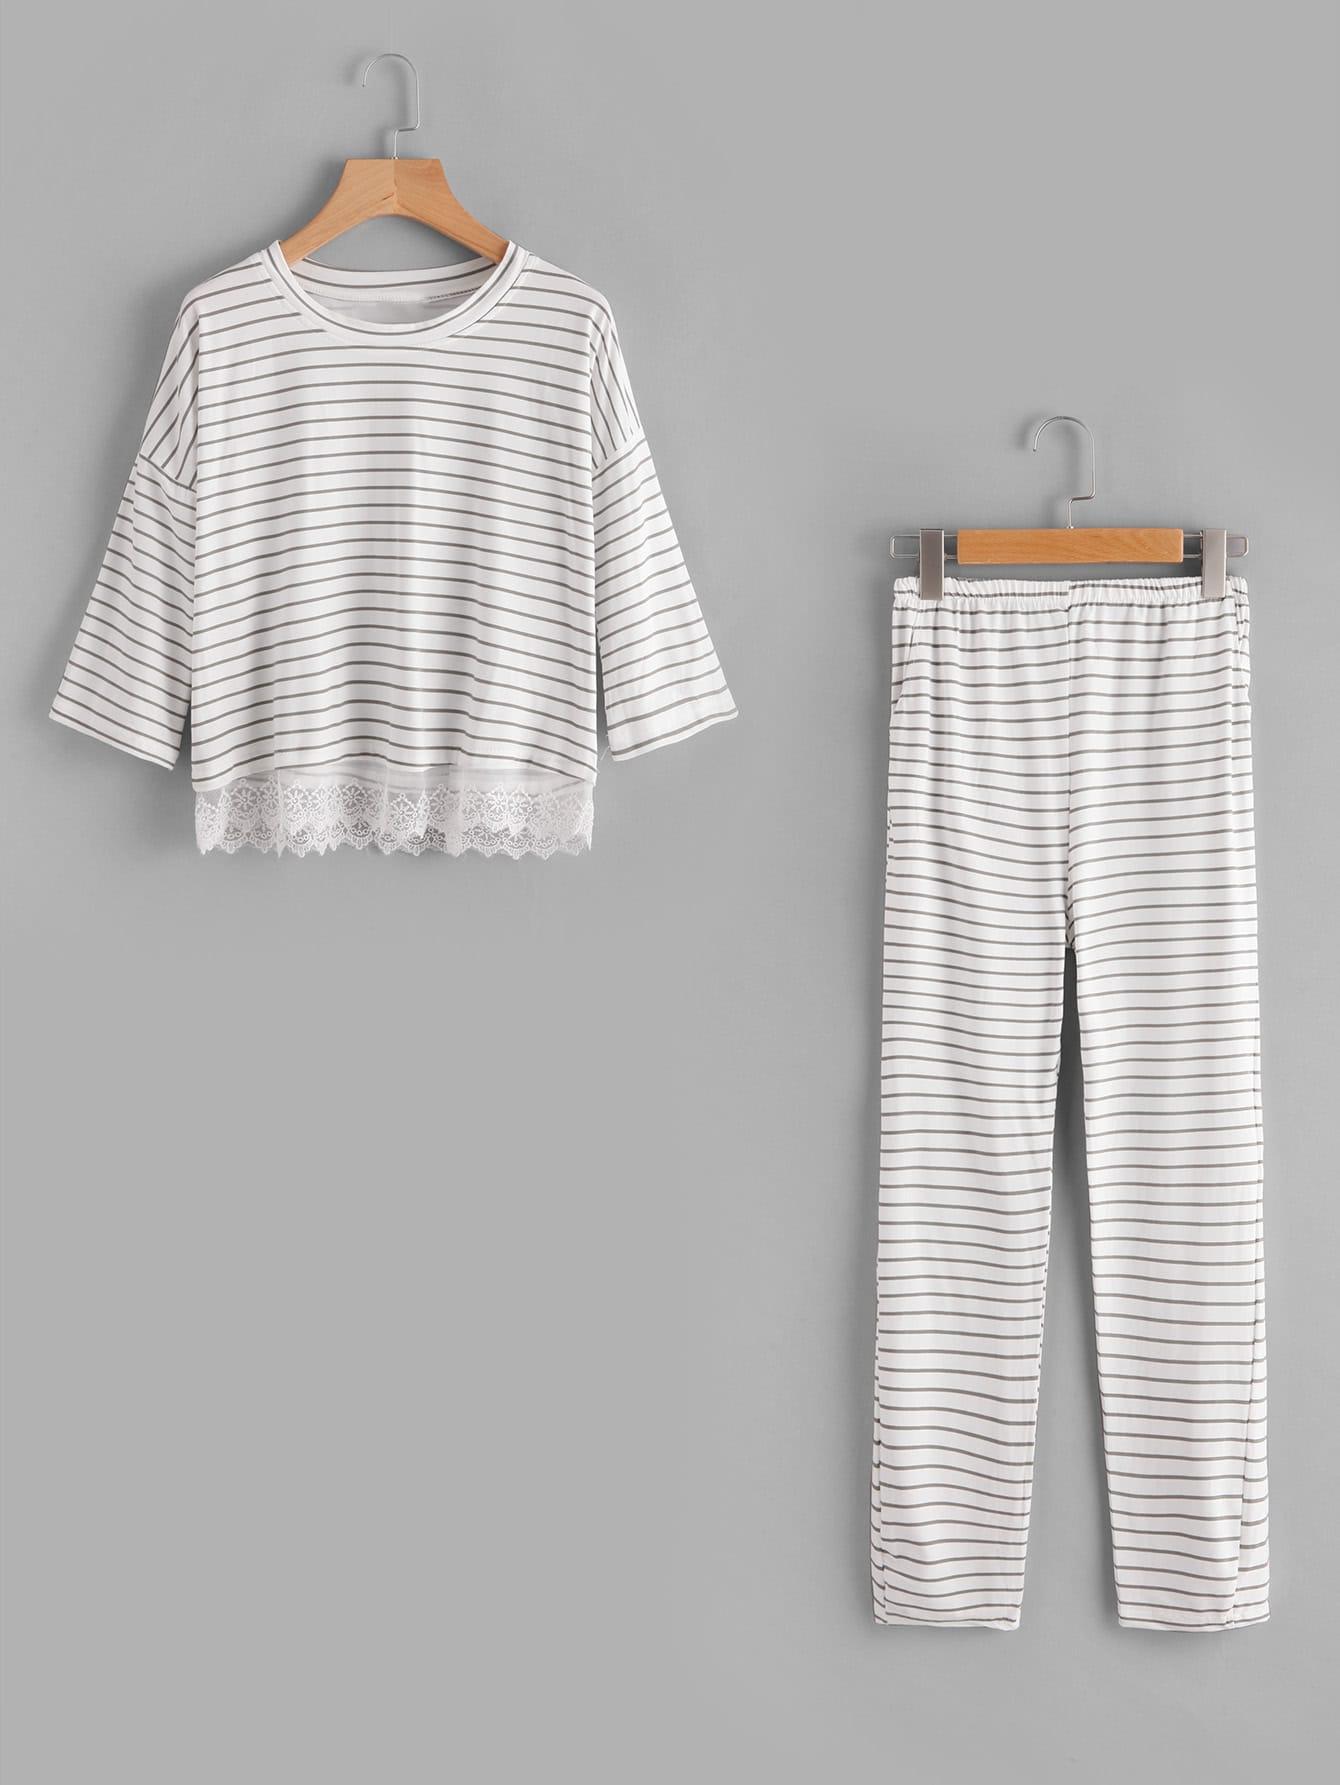 Купить Модная пижама в полоску с кружевной вставкой, null, SheIn